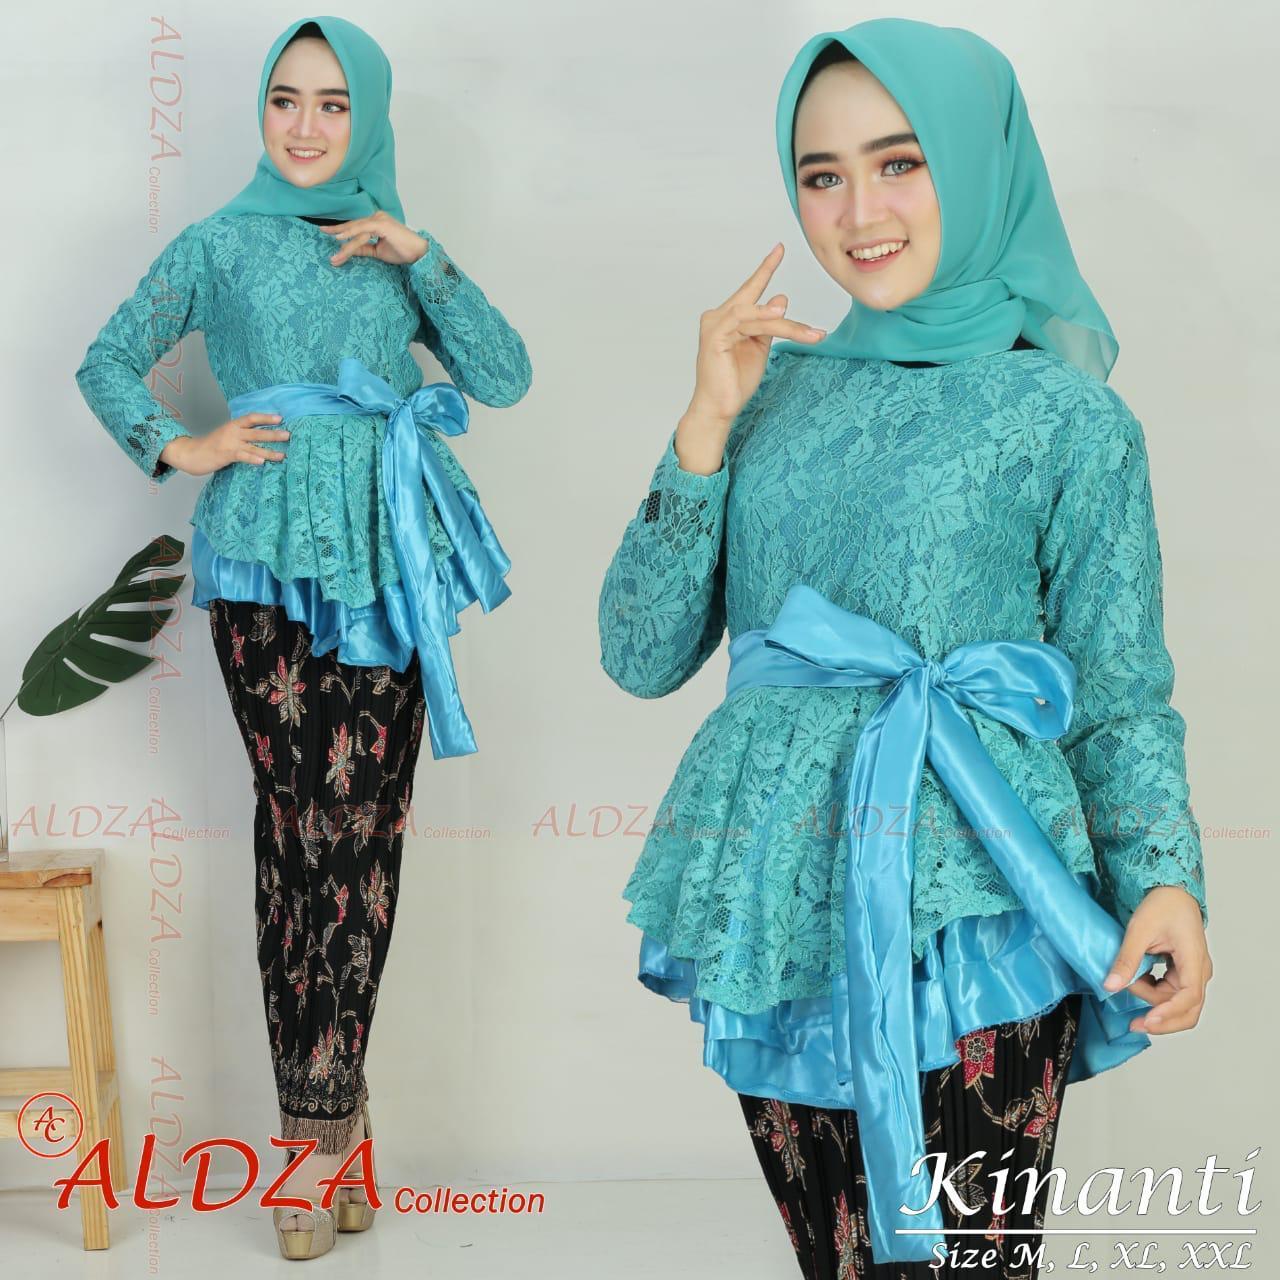 Rp199.500Setelan Kebaya Modern Hijab Remaja Style Modis Cantik brukat  KINANTI kebaya pesta  Kebaya Modern setelan pakaian baju wanita  kebaya  batik kebaya ... 85f68d0d23